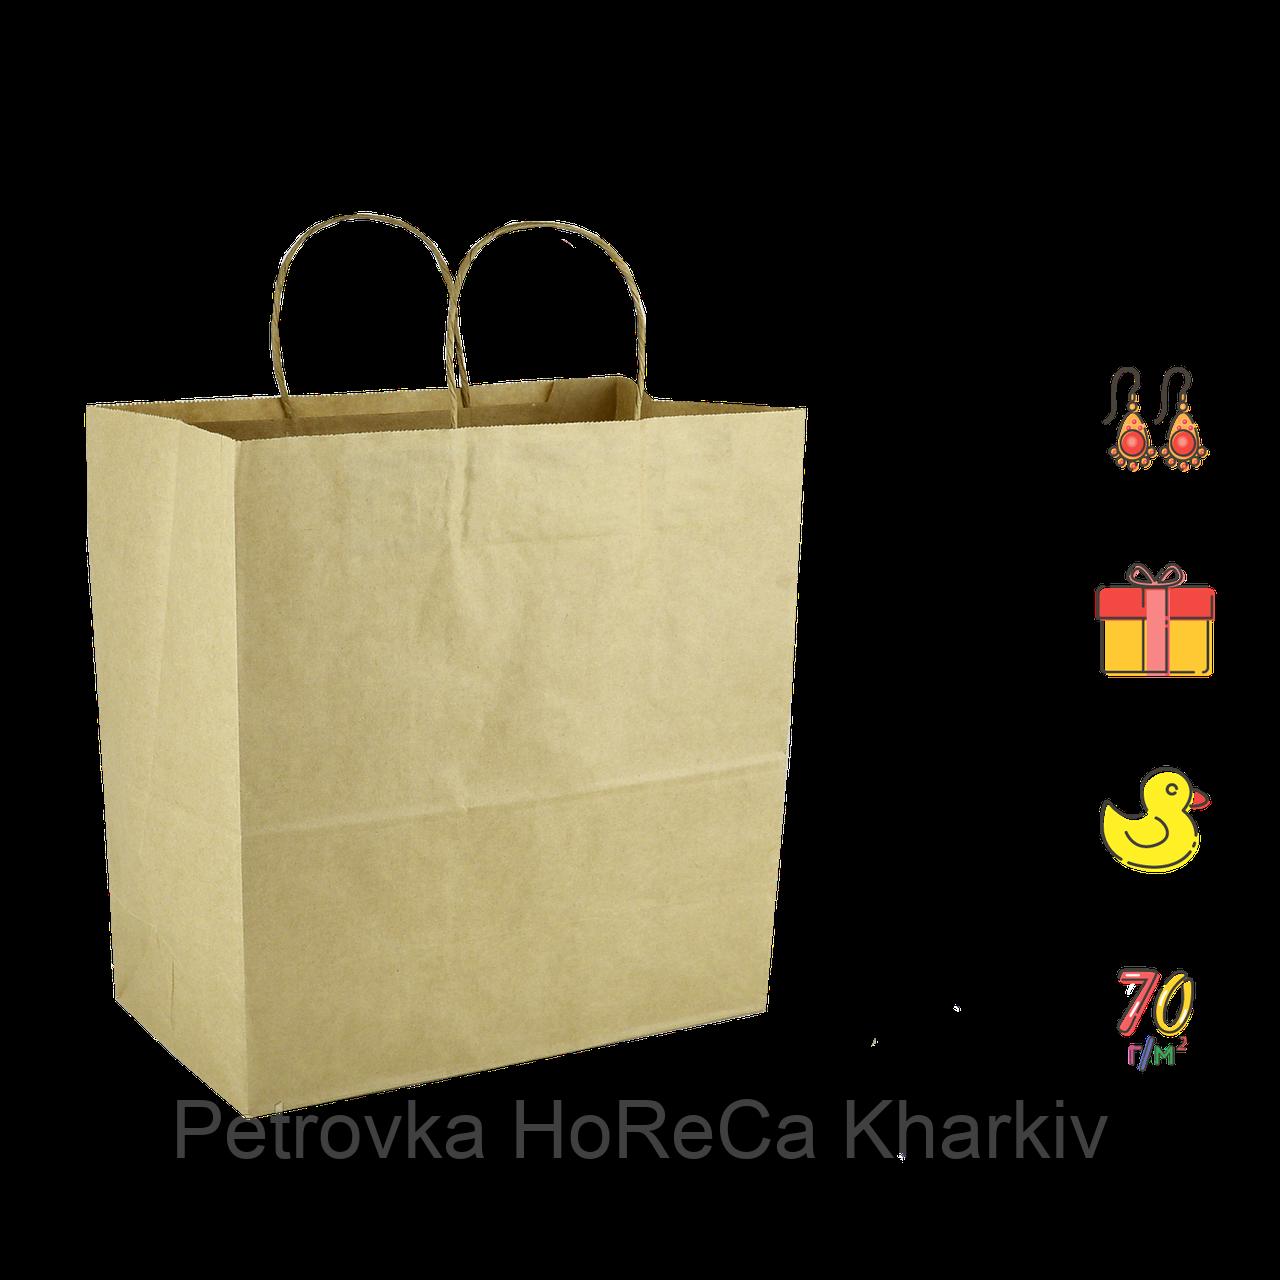 Бумажный пакет крафтовый с кручеными ручками 200*90*220мм (Ш.Г.В) Пл 70г Нагр 1,5кг (740)